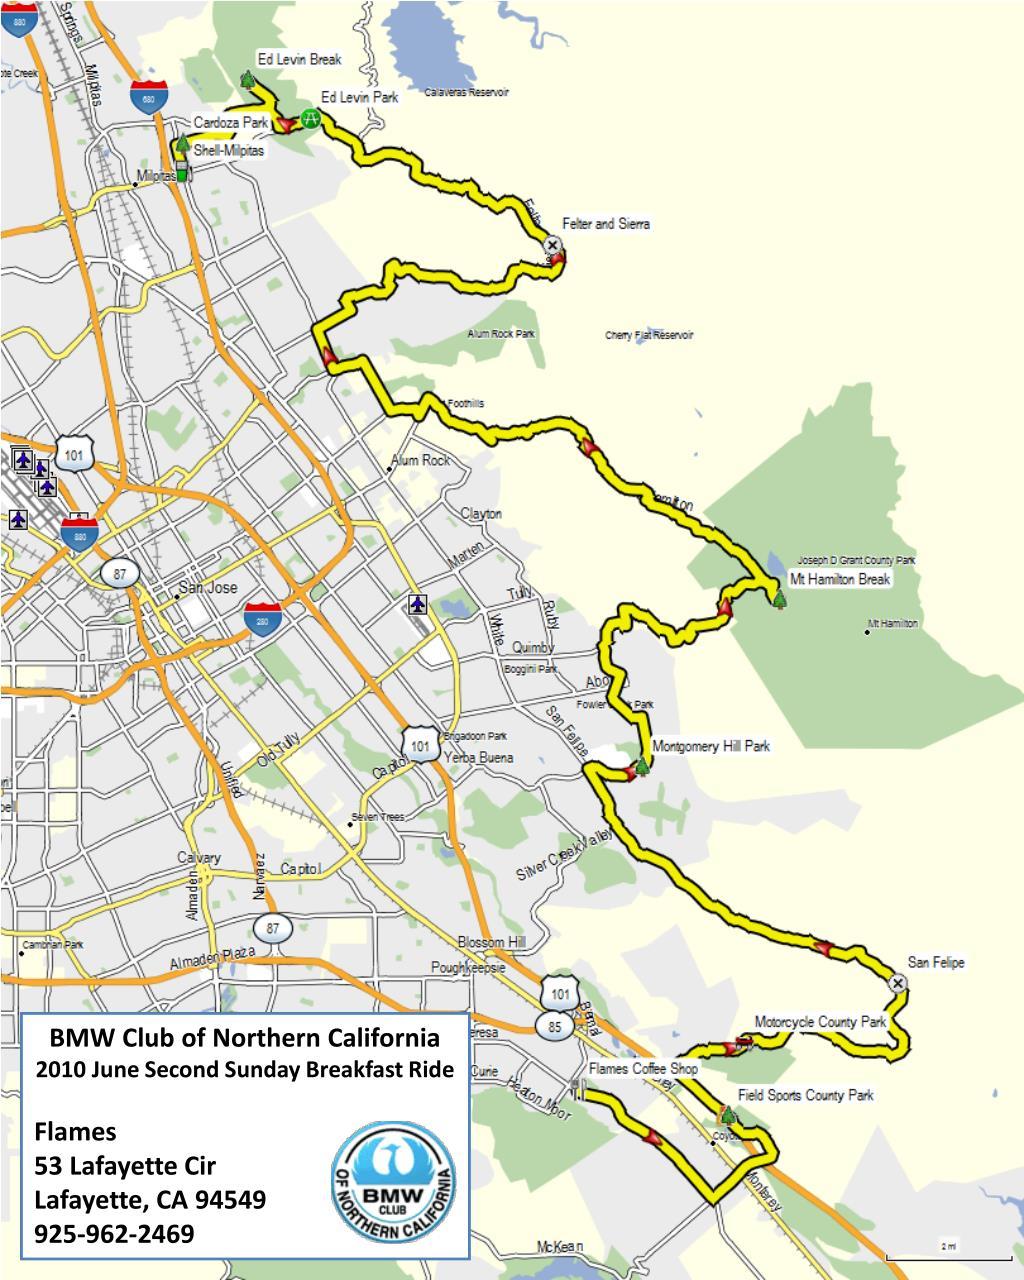 BMW Club of Northern California